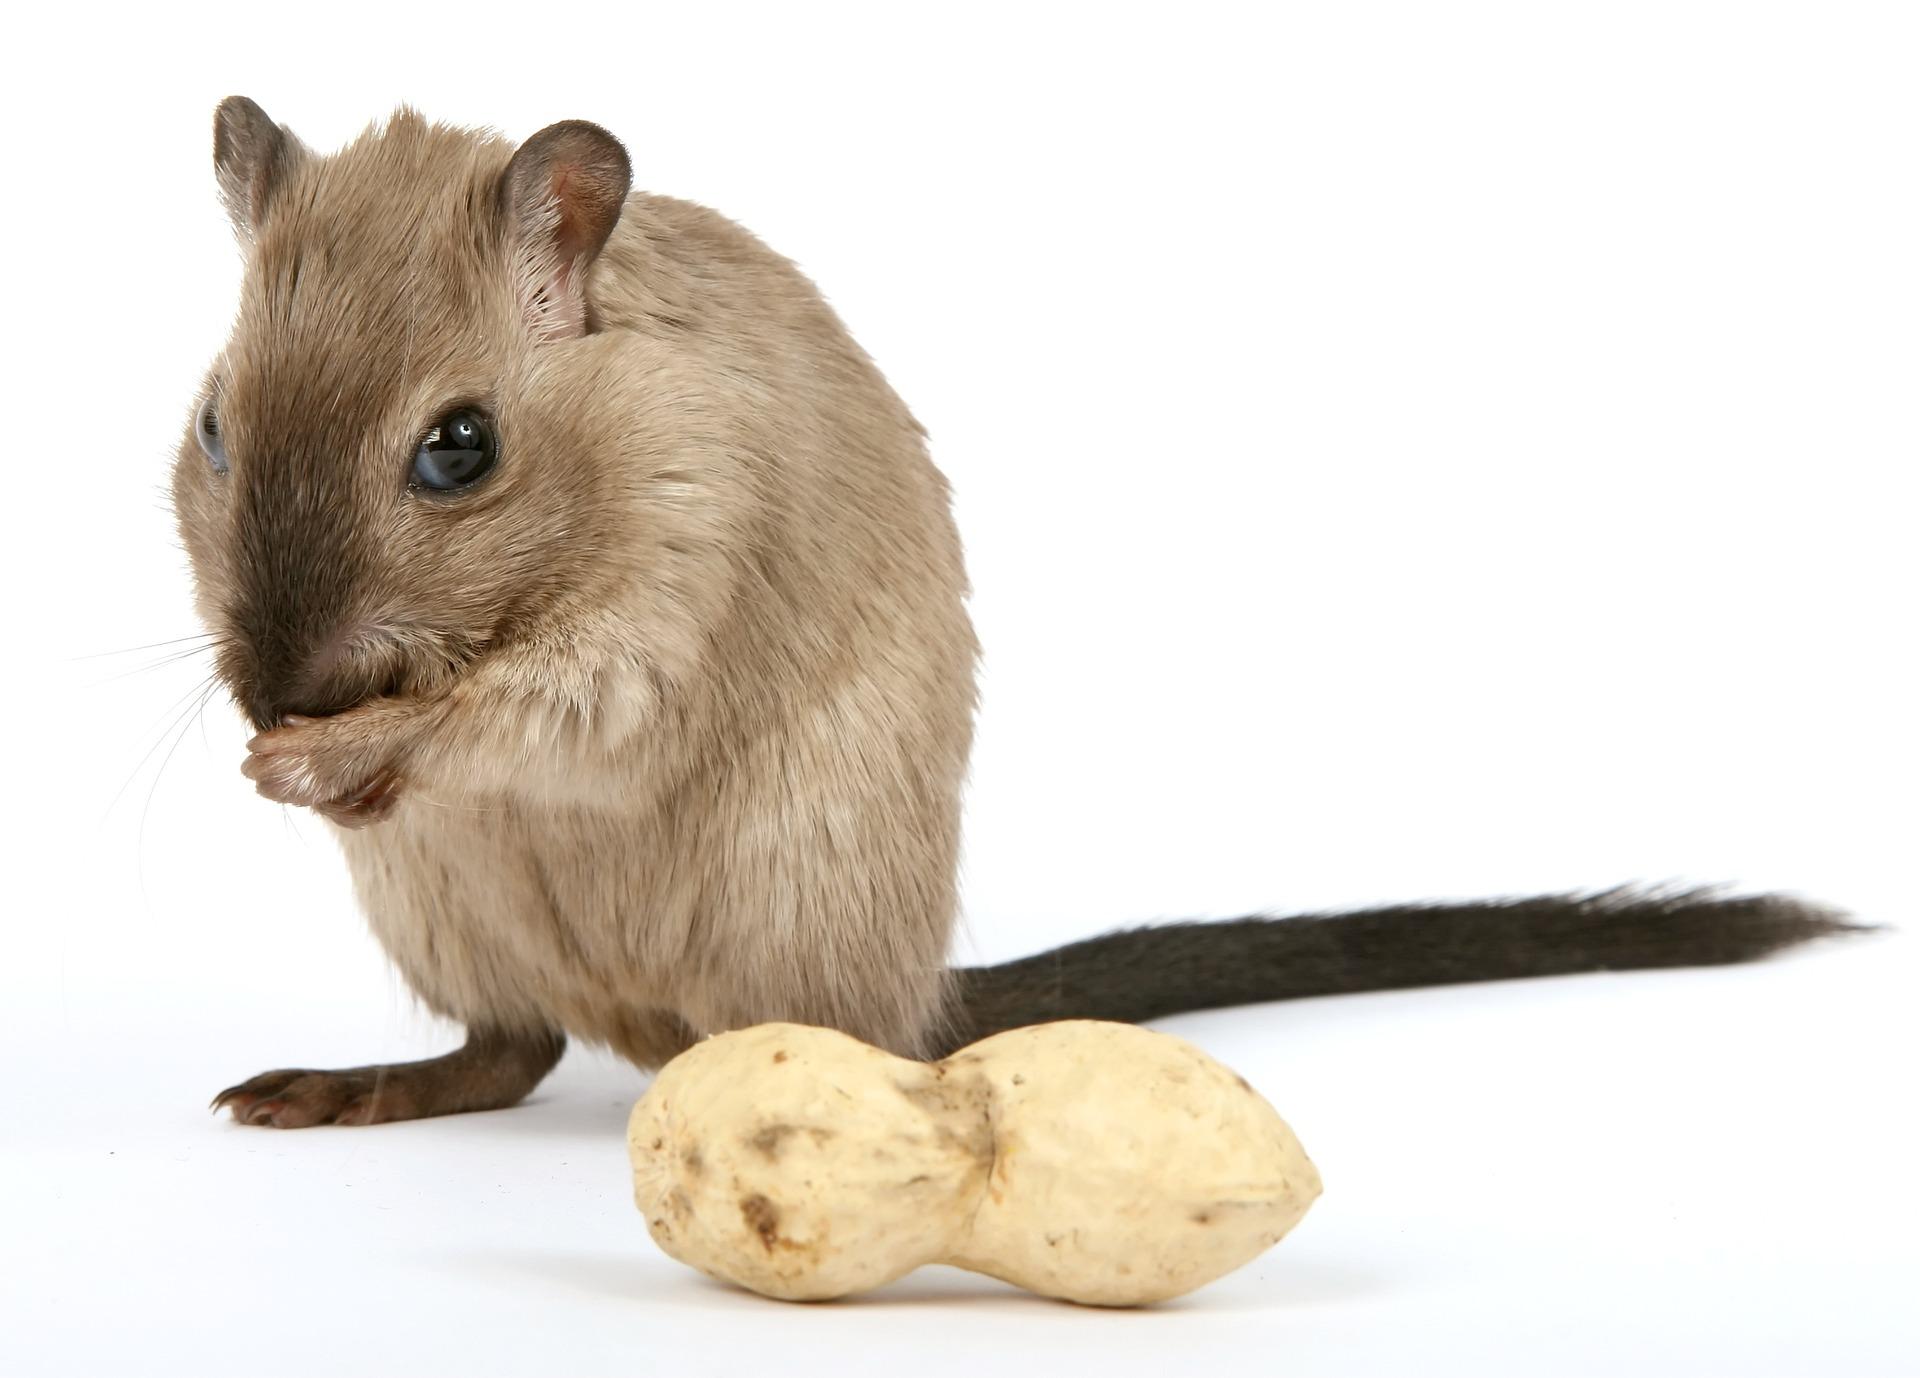 Myszoskoczek może jeść orzechy, jednak nie w dużych ilościach, gdyż są ciężkostrawne i kaloryczne.